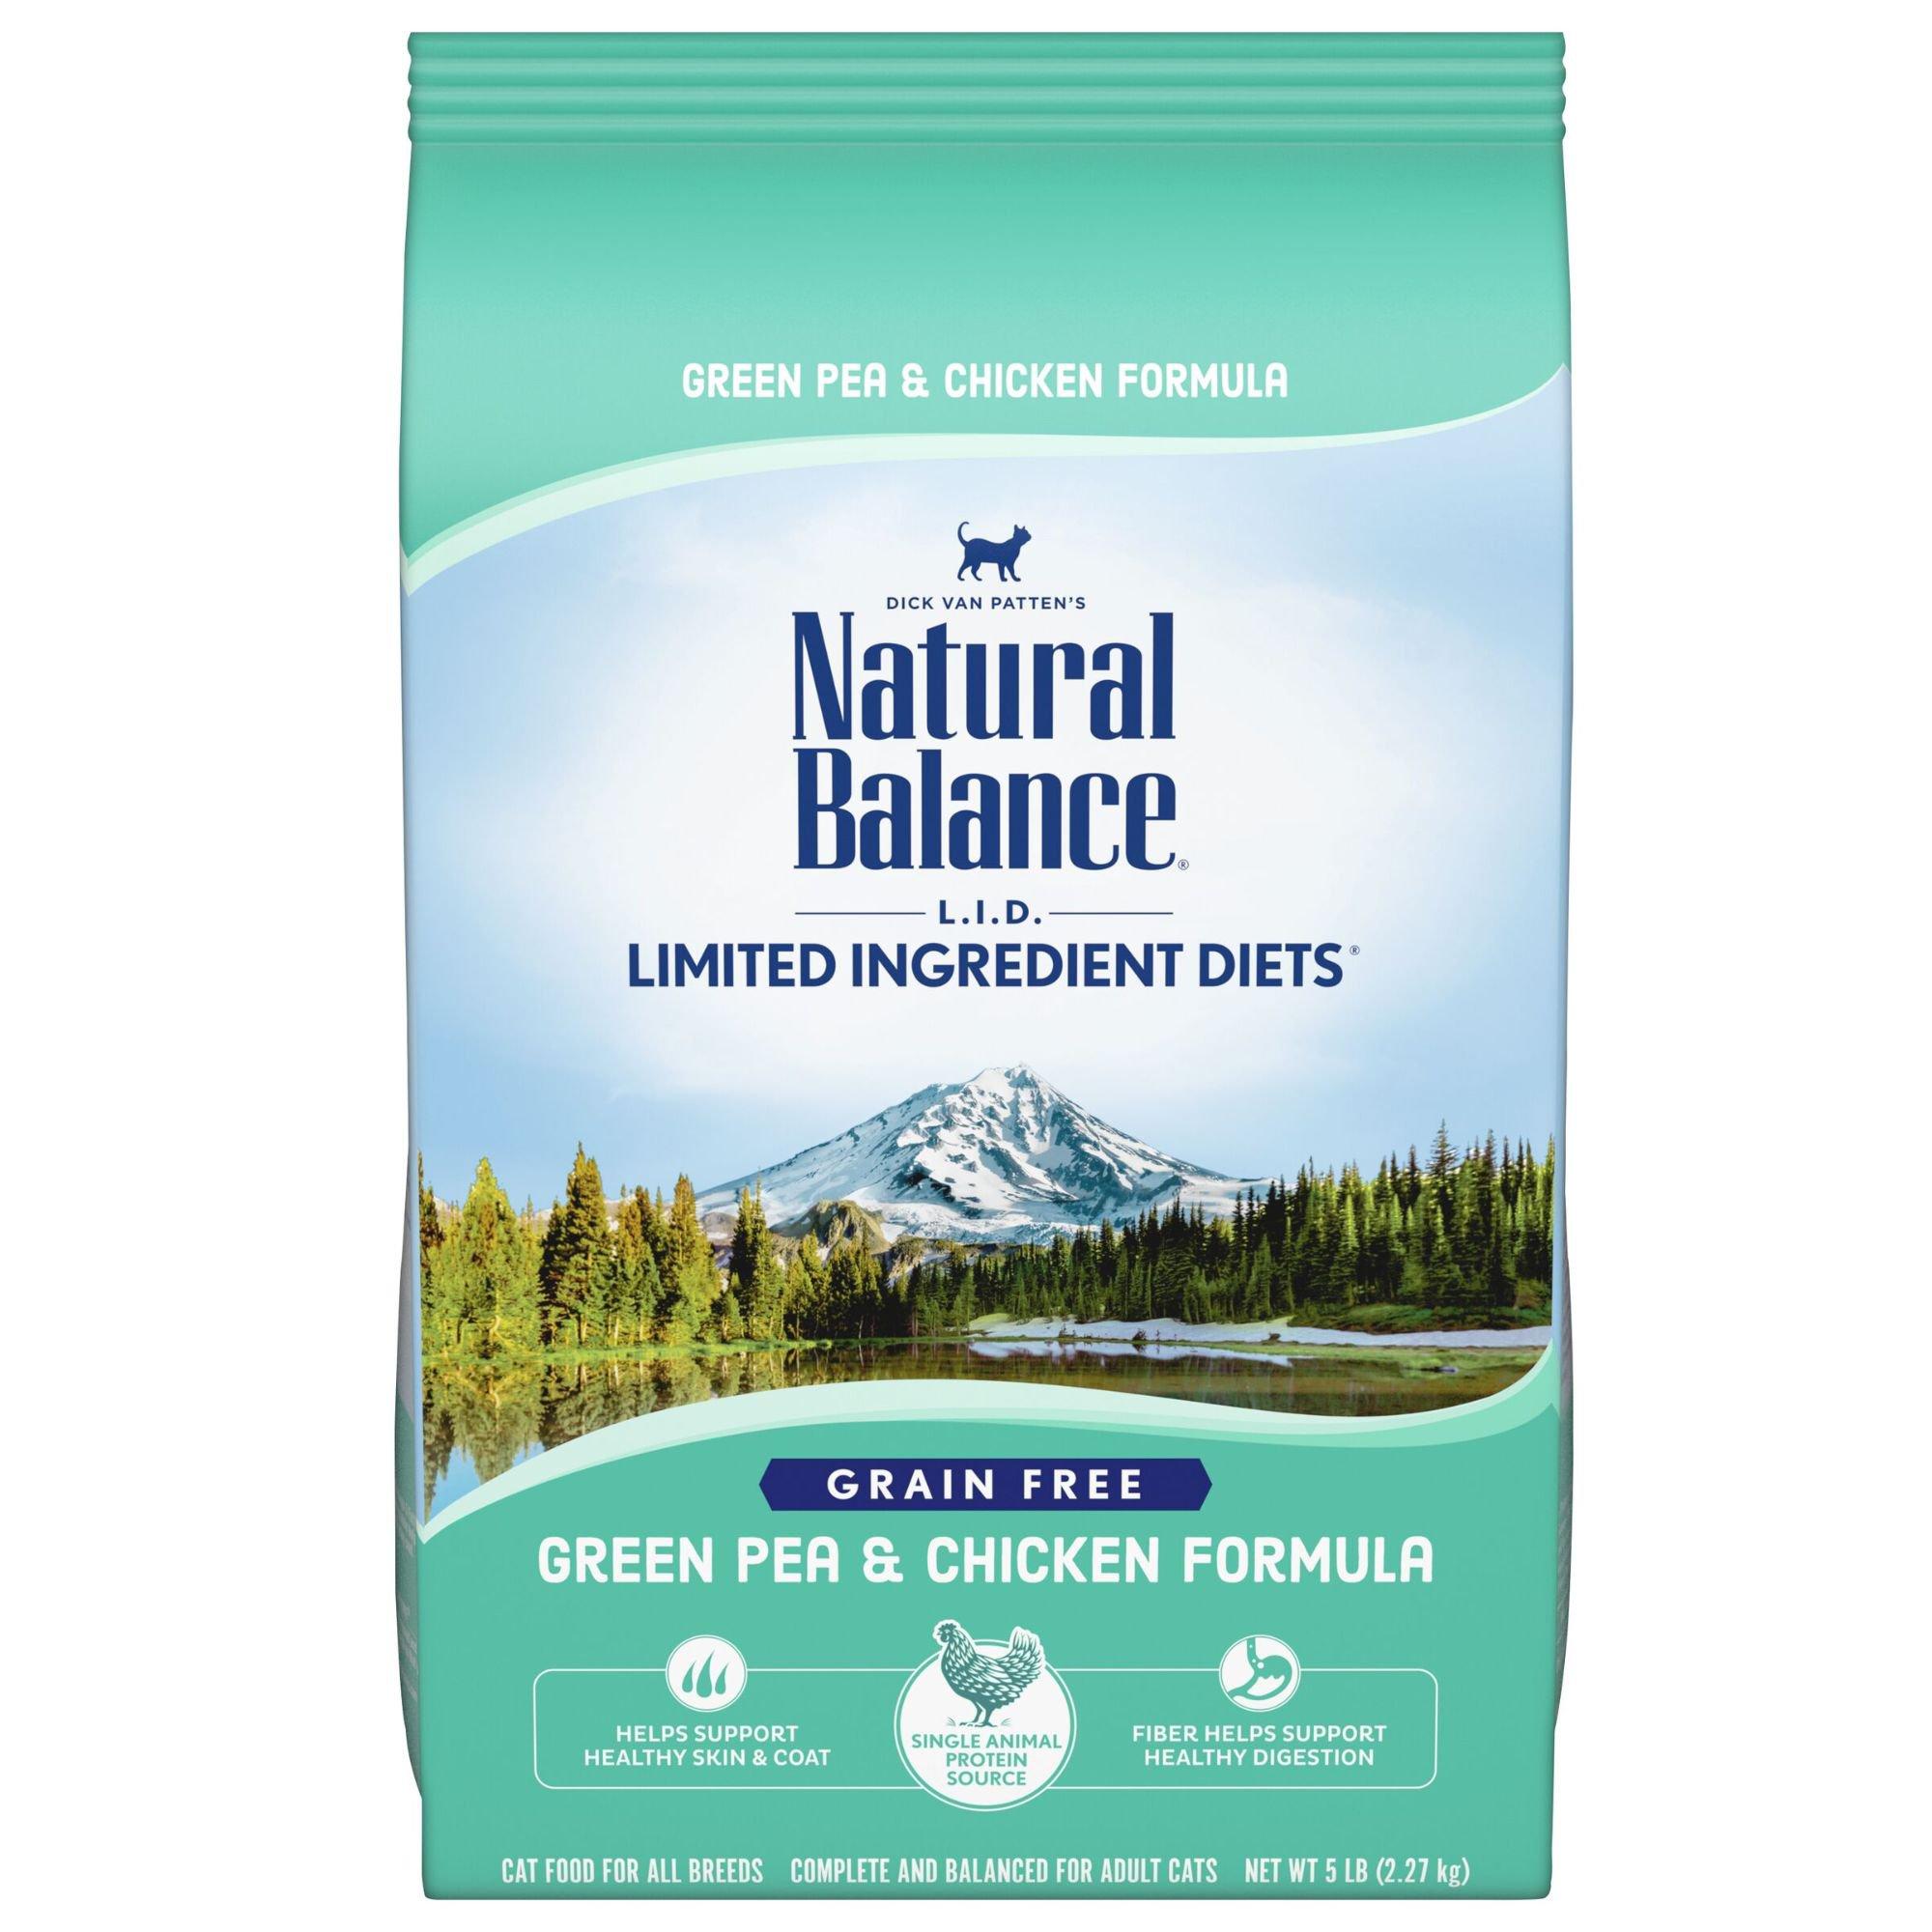 Natural Balance Food Petco